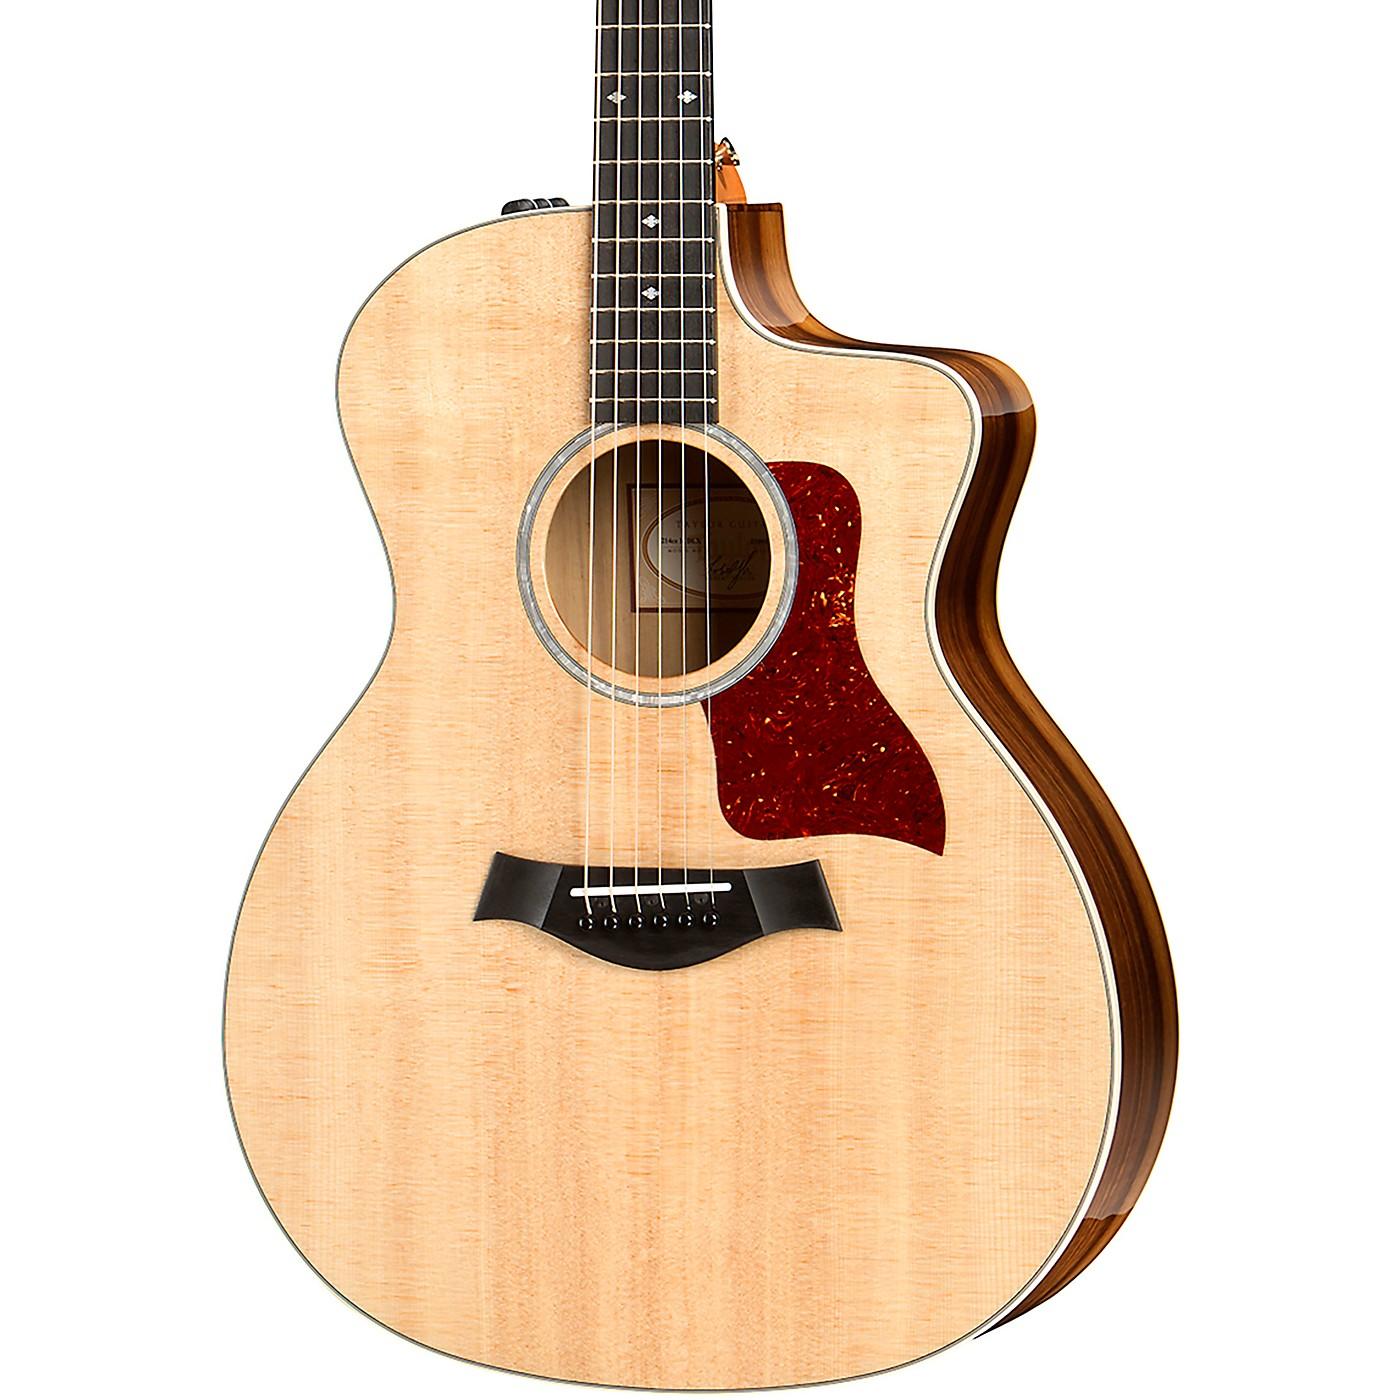 Taylor 214ce-K DLX Grand Auditorium Acoustic-Electric Guitar thumbnail